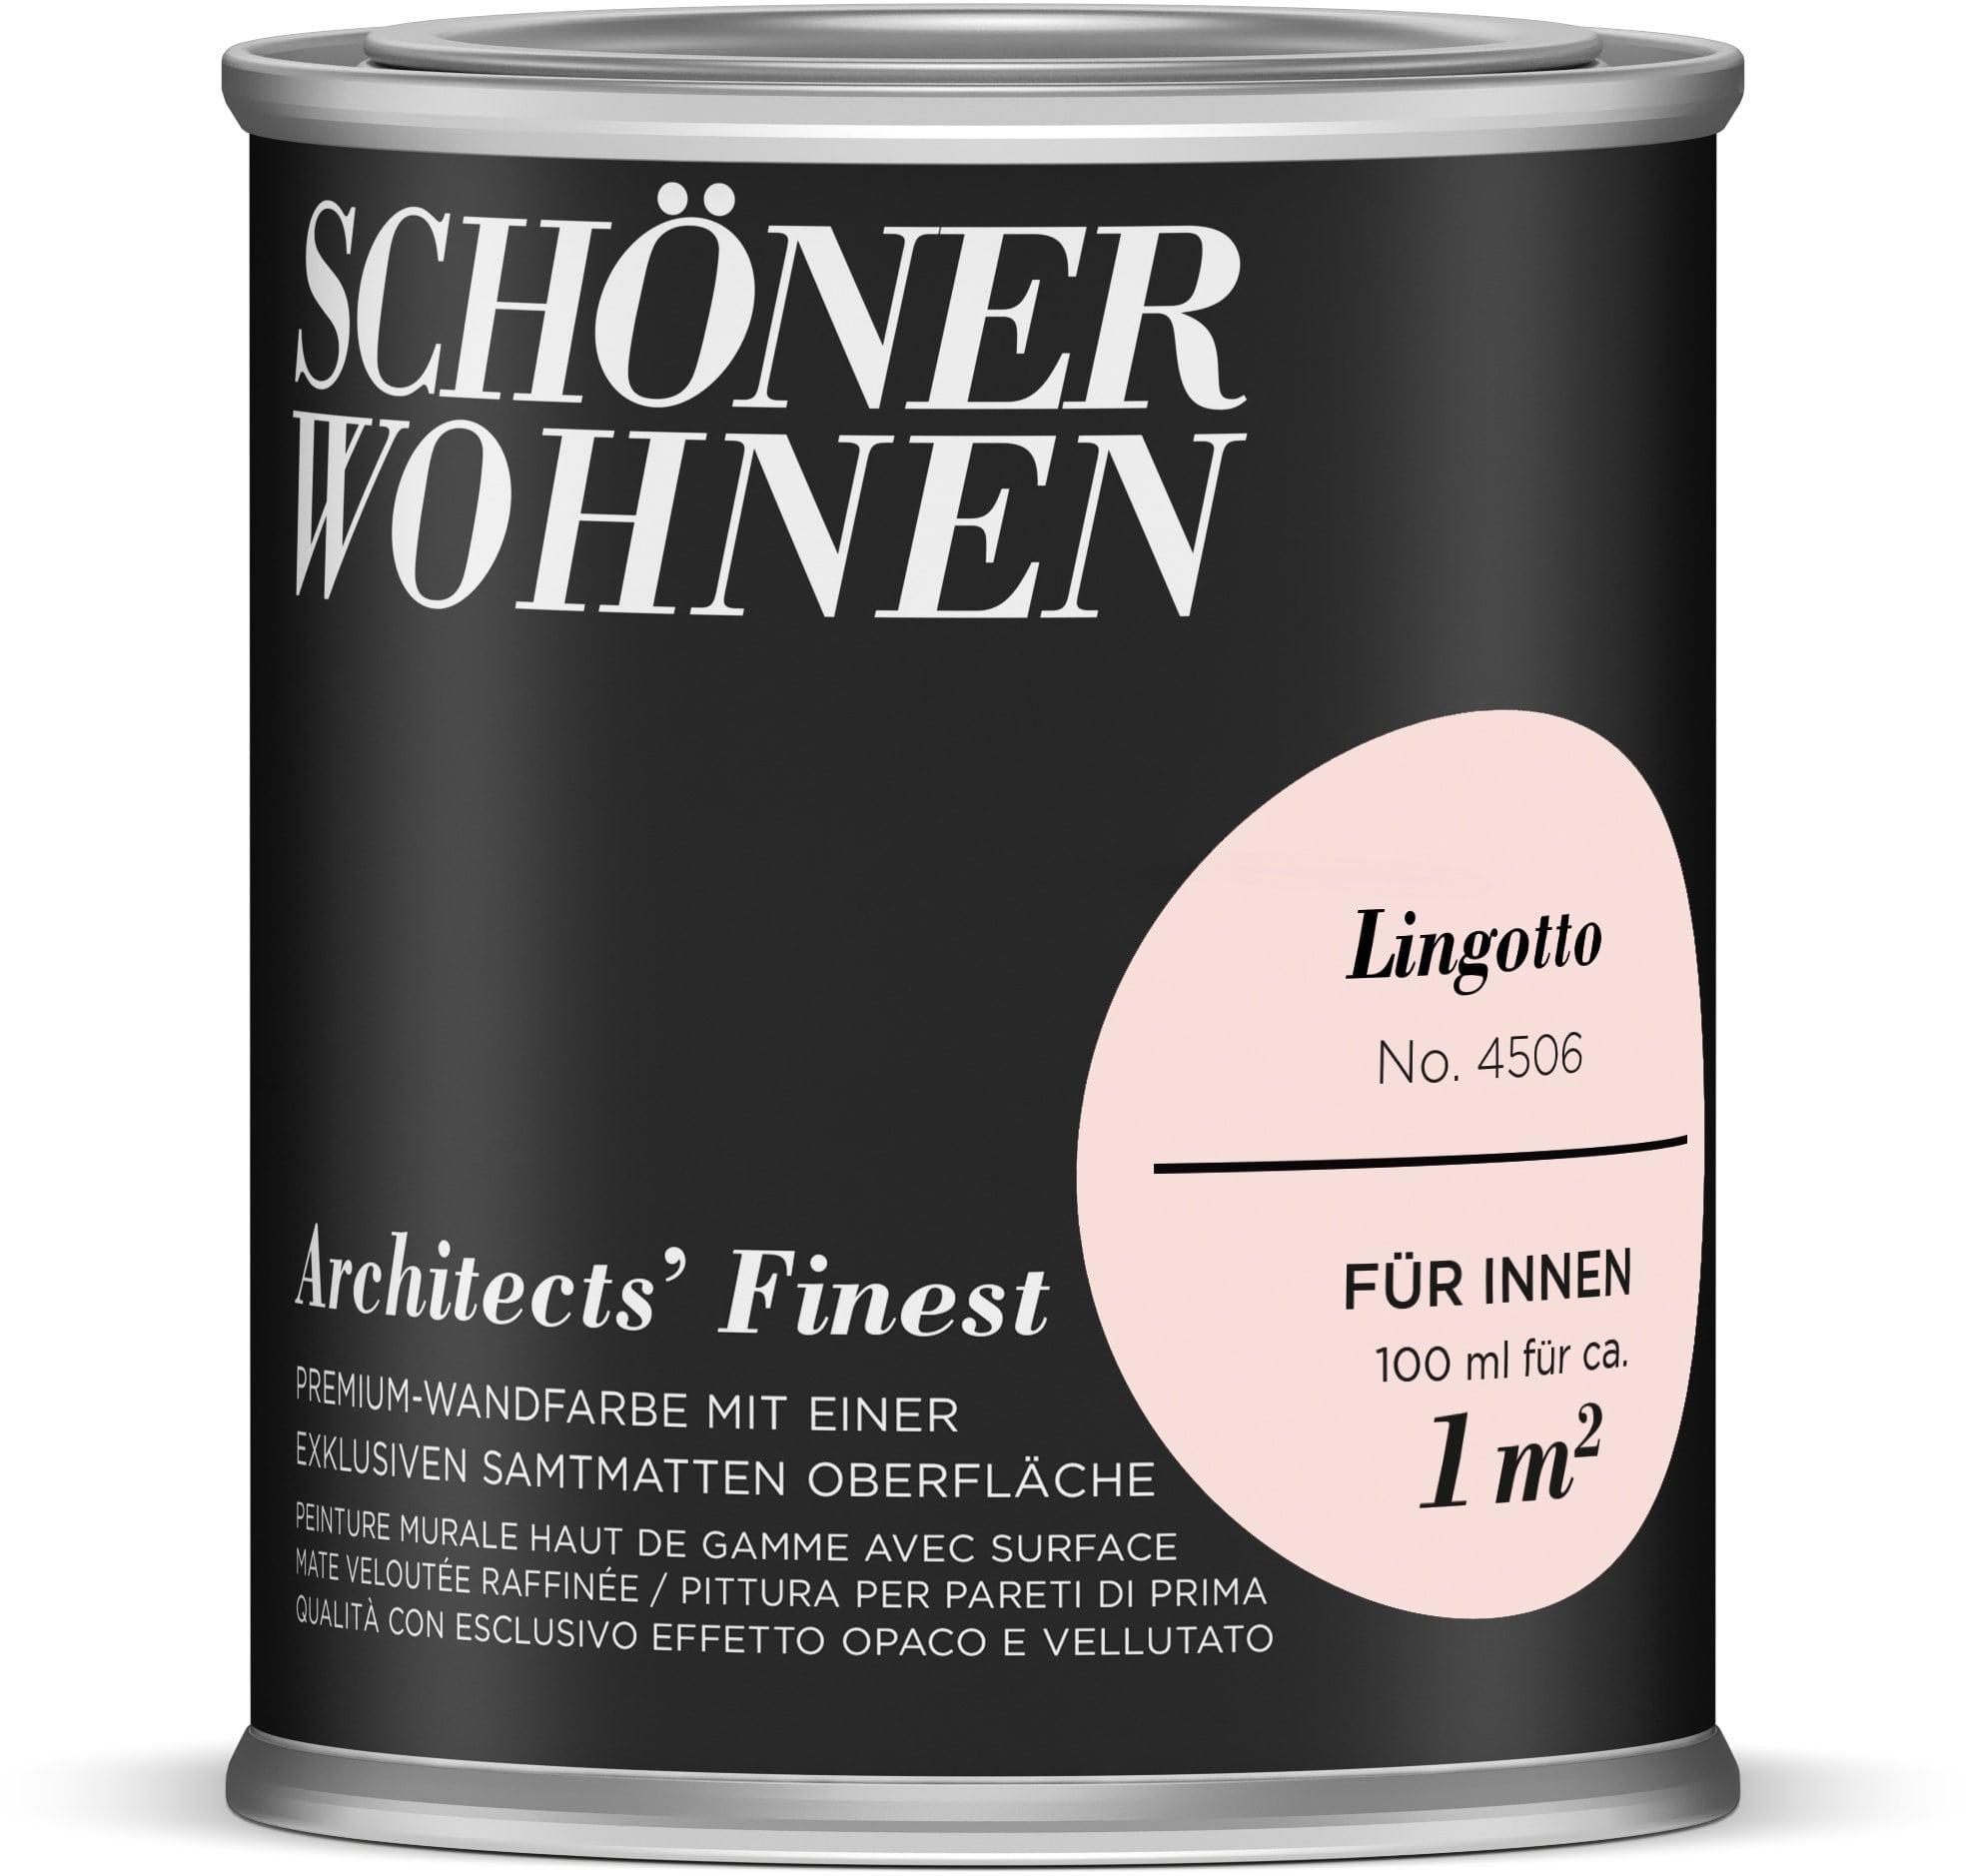 Schöner Wohnen Architects' Finest Lingotto 100 ml